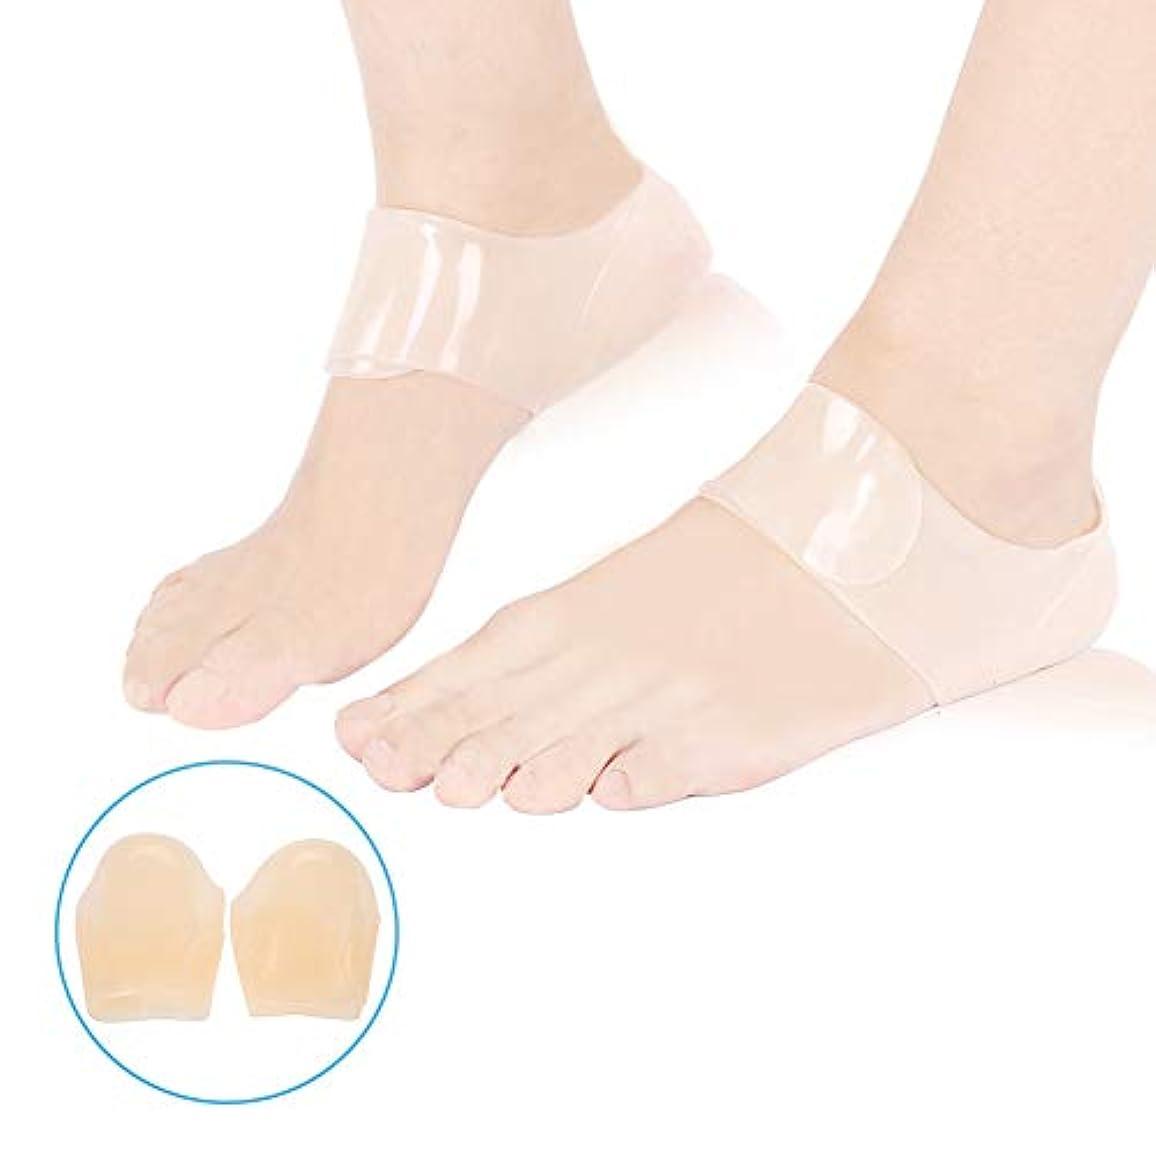 テラス化学者学部ヒールソックスシリコン2足用足底筋膜炎かかと拍車足首サポート保湿ひび割れ痛み軽減アンチクラックプロテクター